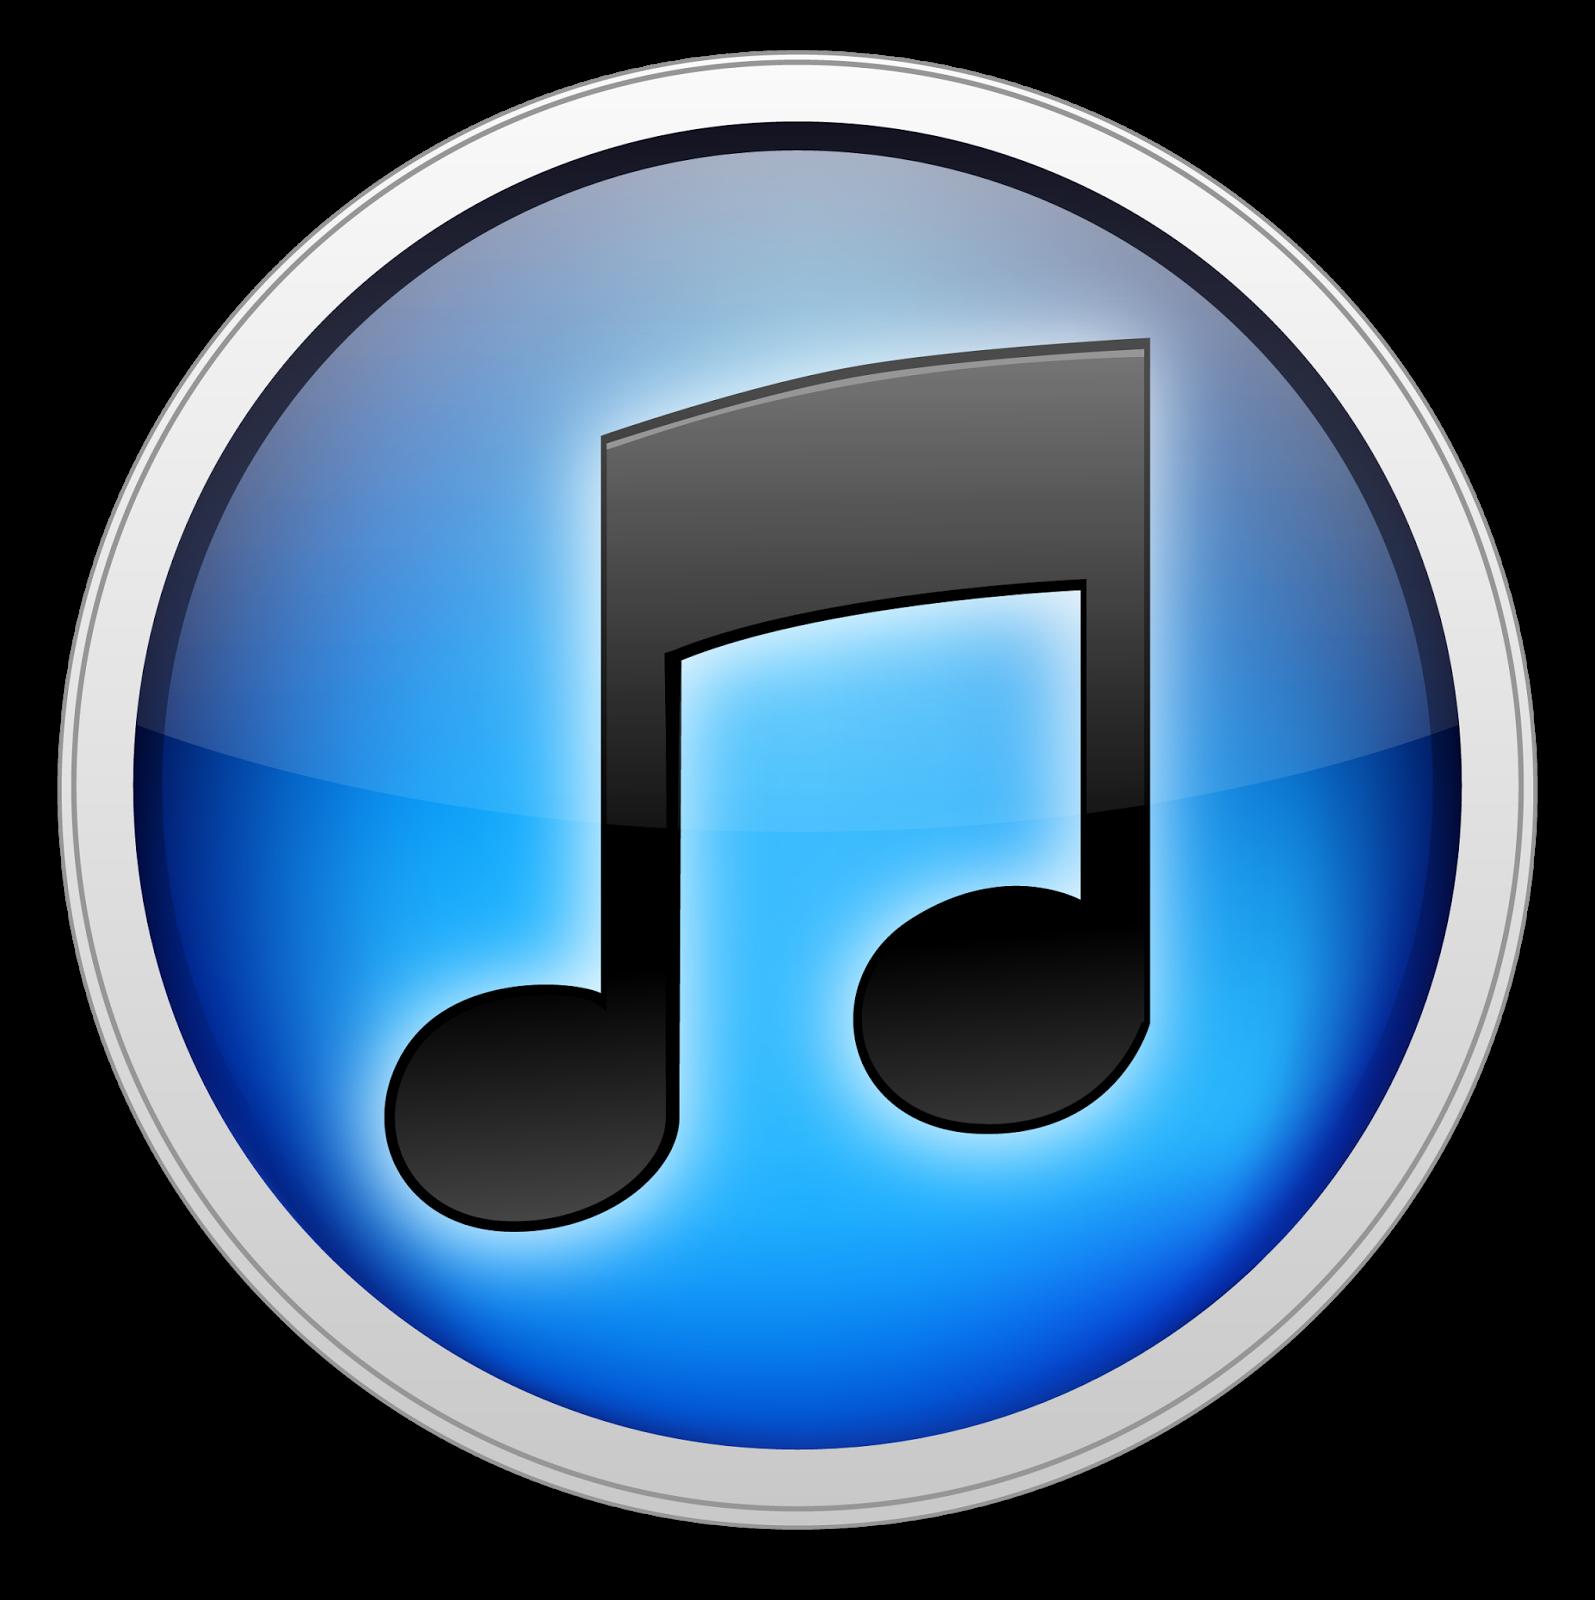 https://itunes.apple.com/us/podcast/utah-car-cents/id800871964?mt=2